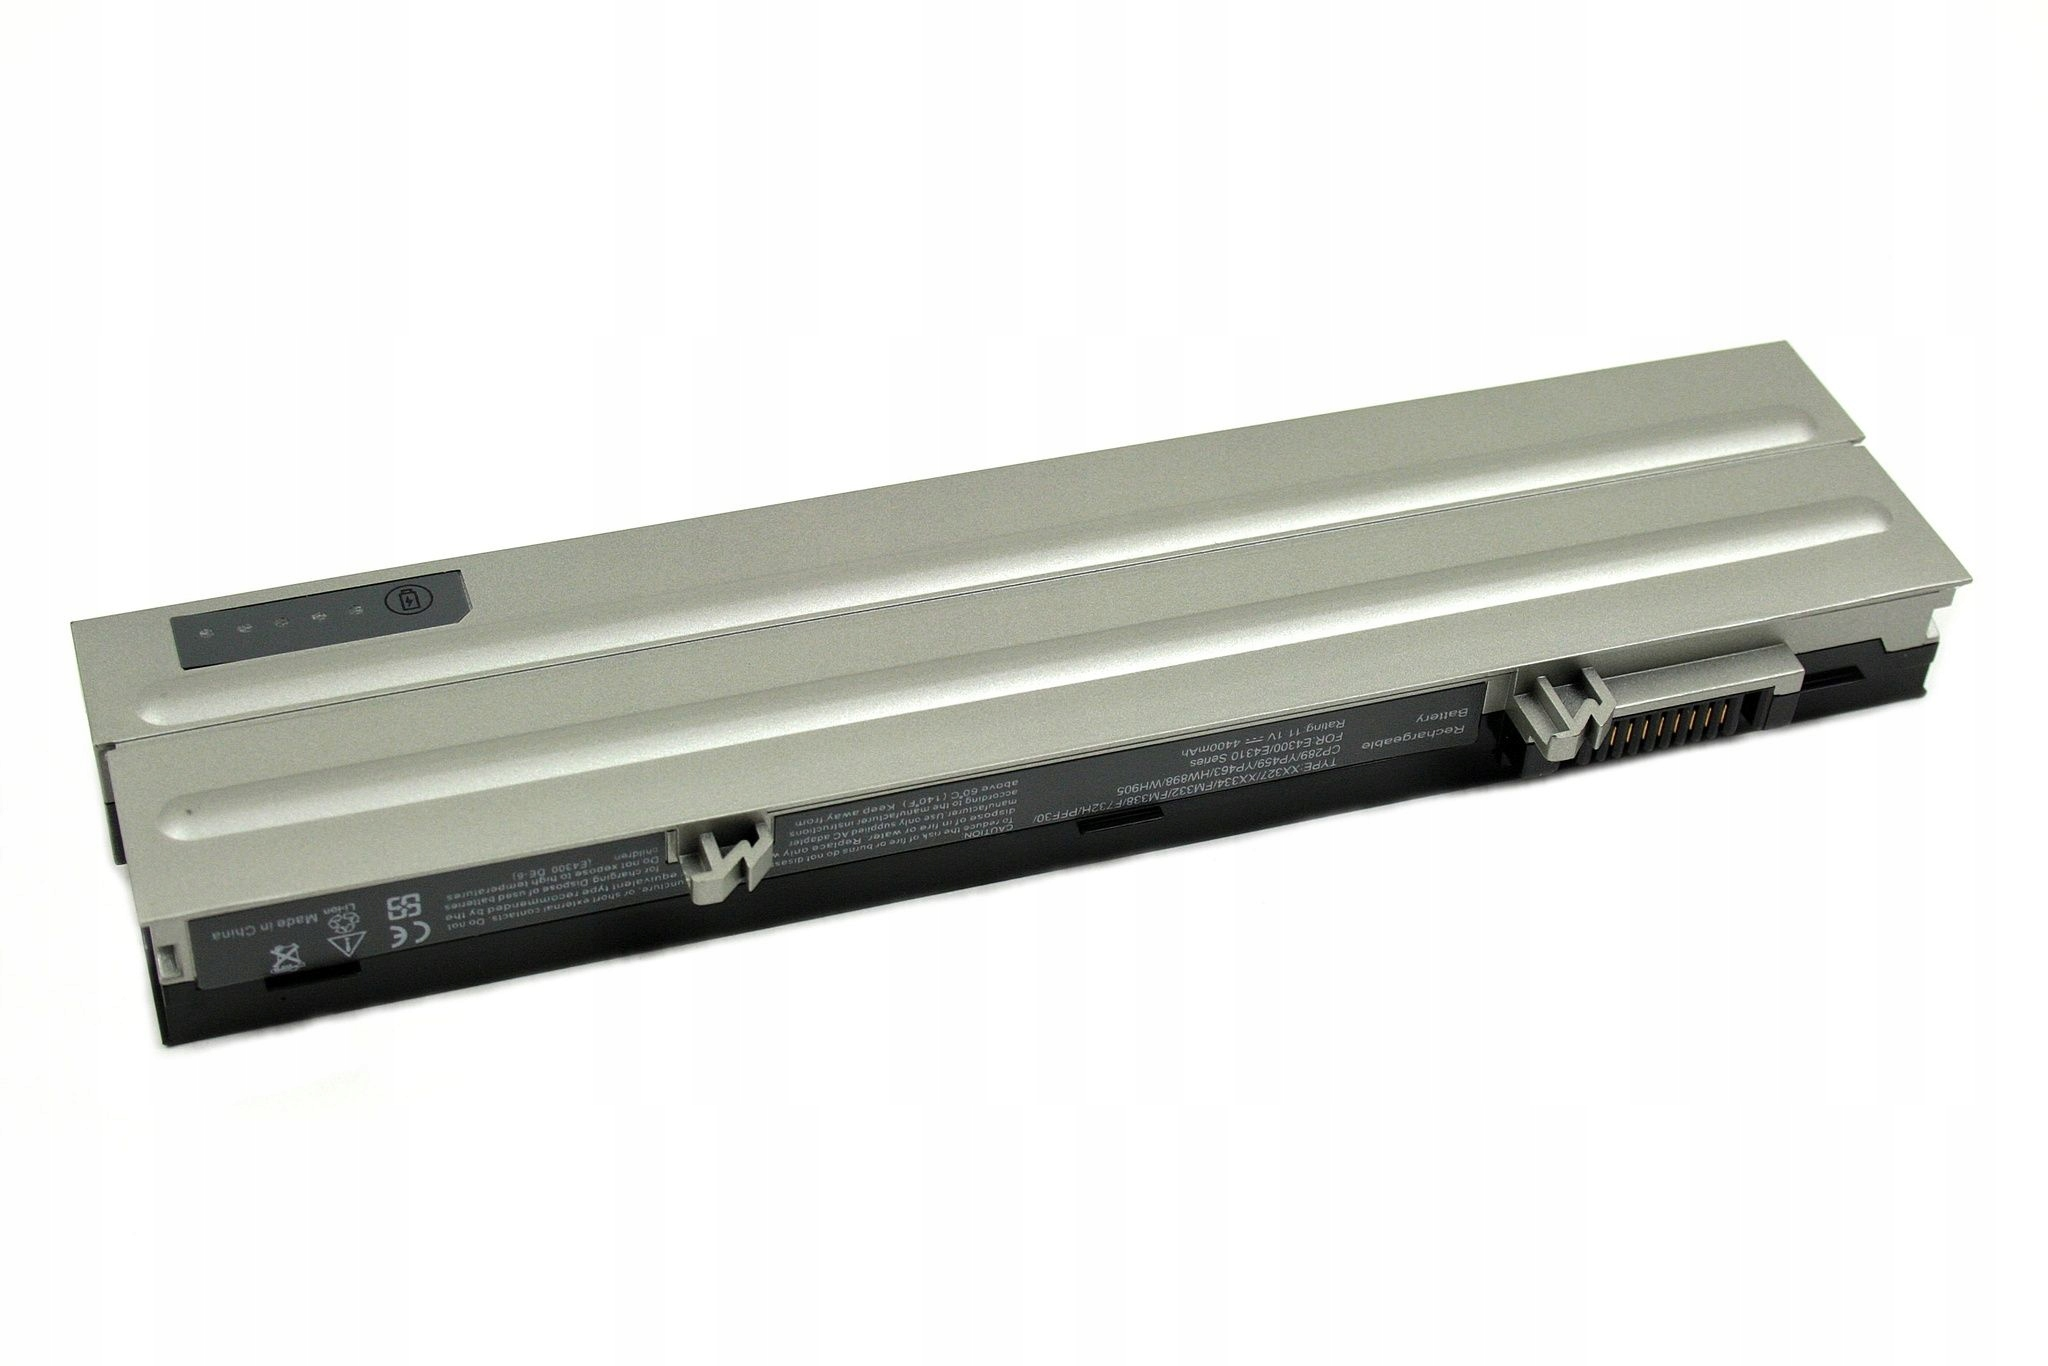 BATERIA AKUMULATOR DELL LATITUDE E4300 E4310 E4400 YP463 - Baterie do laptopów